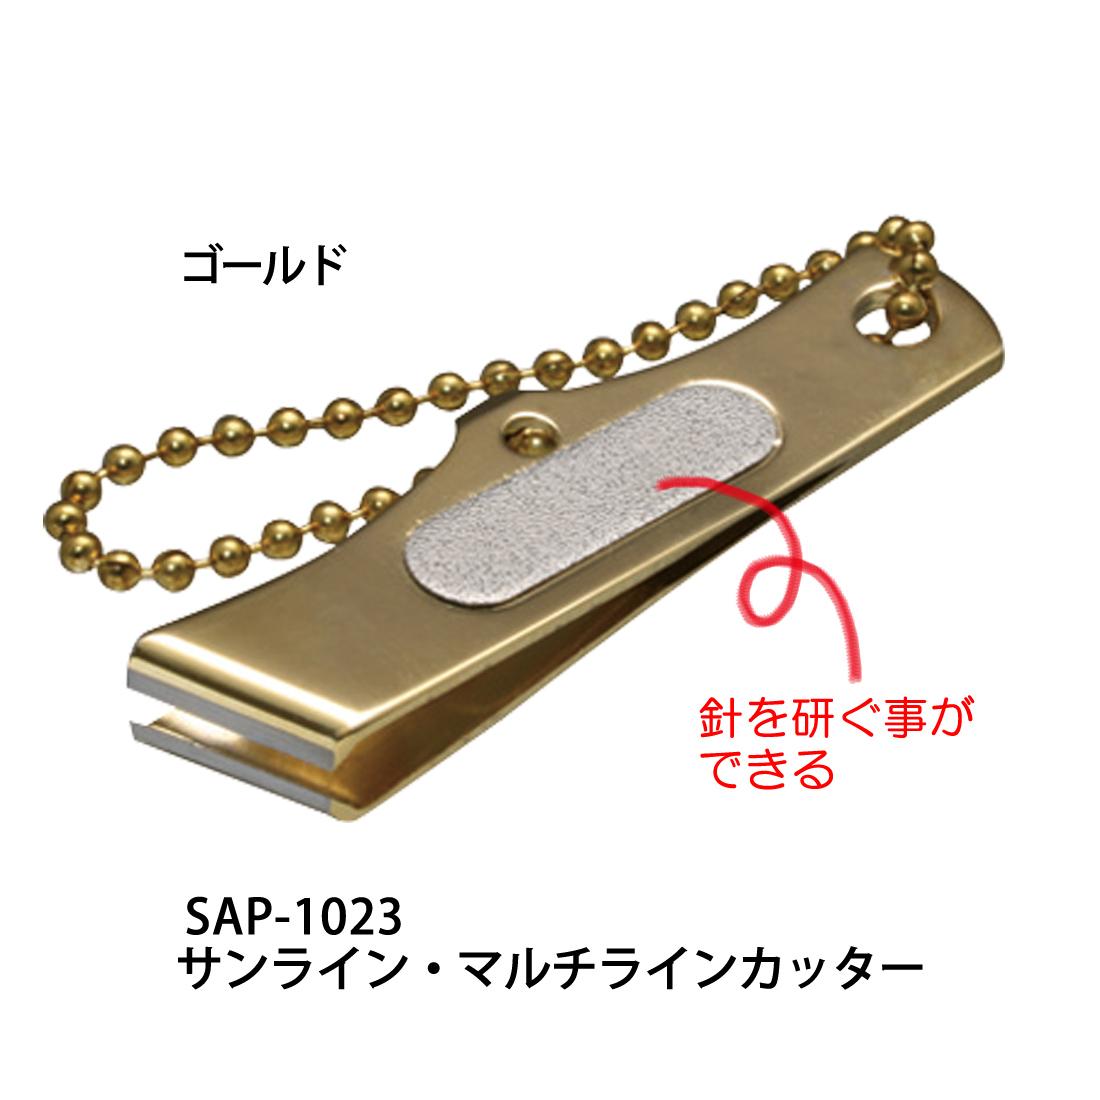 サンライン・マルチカッター SAP-1023